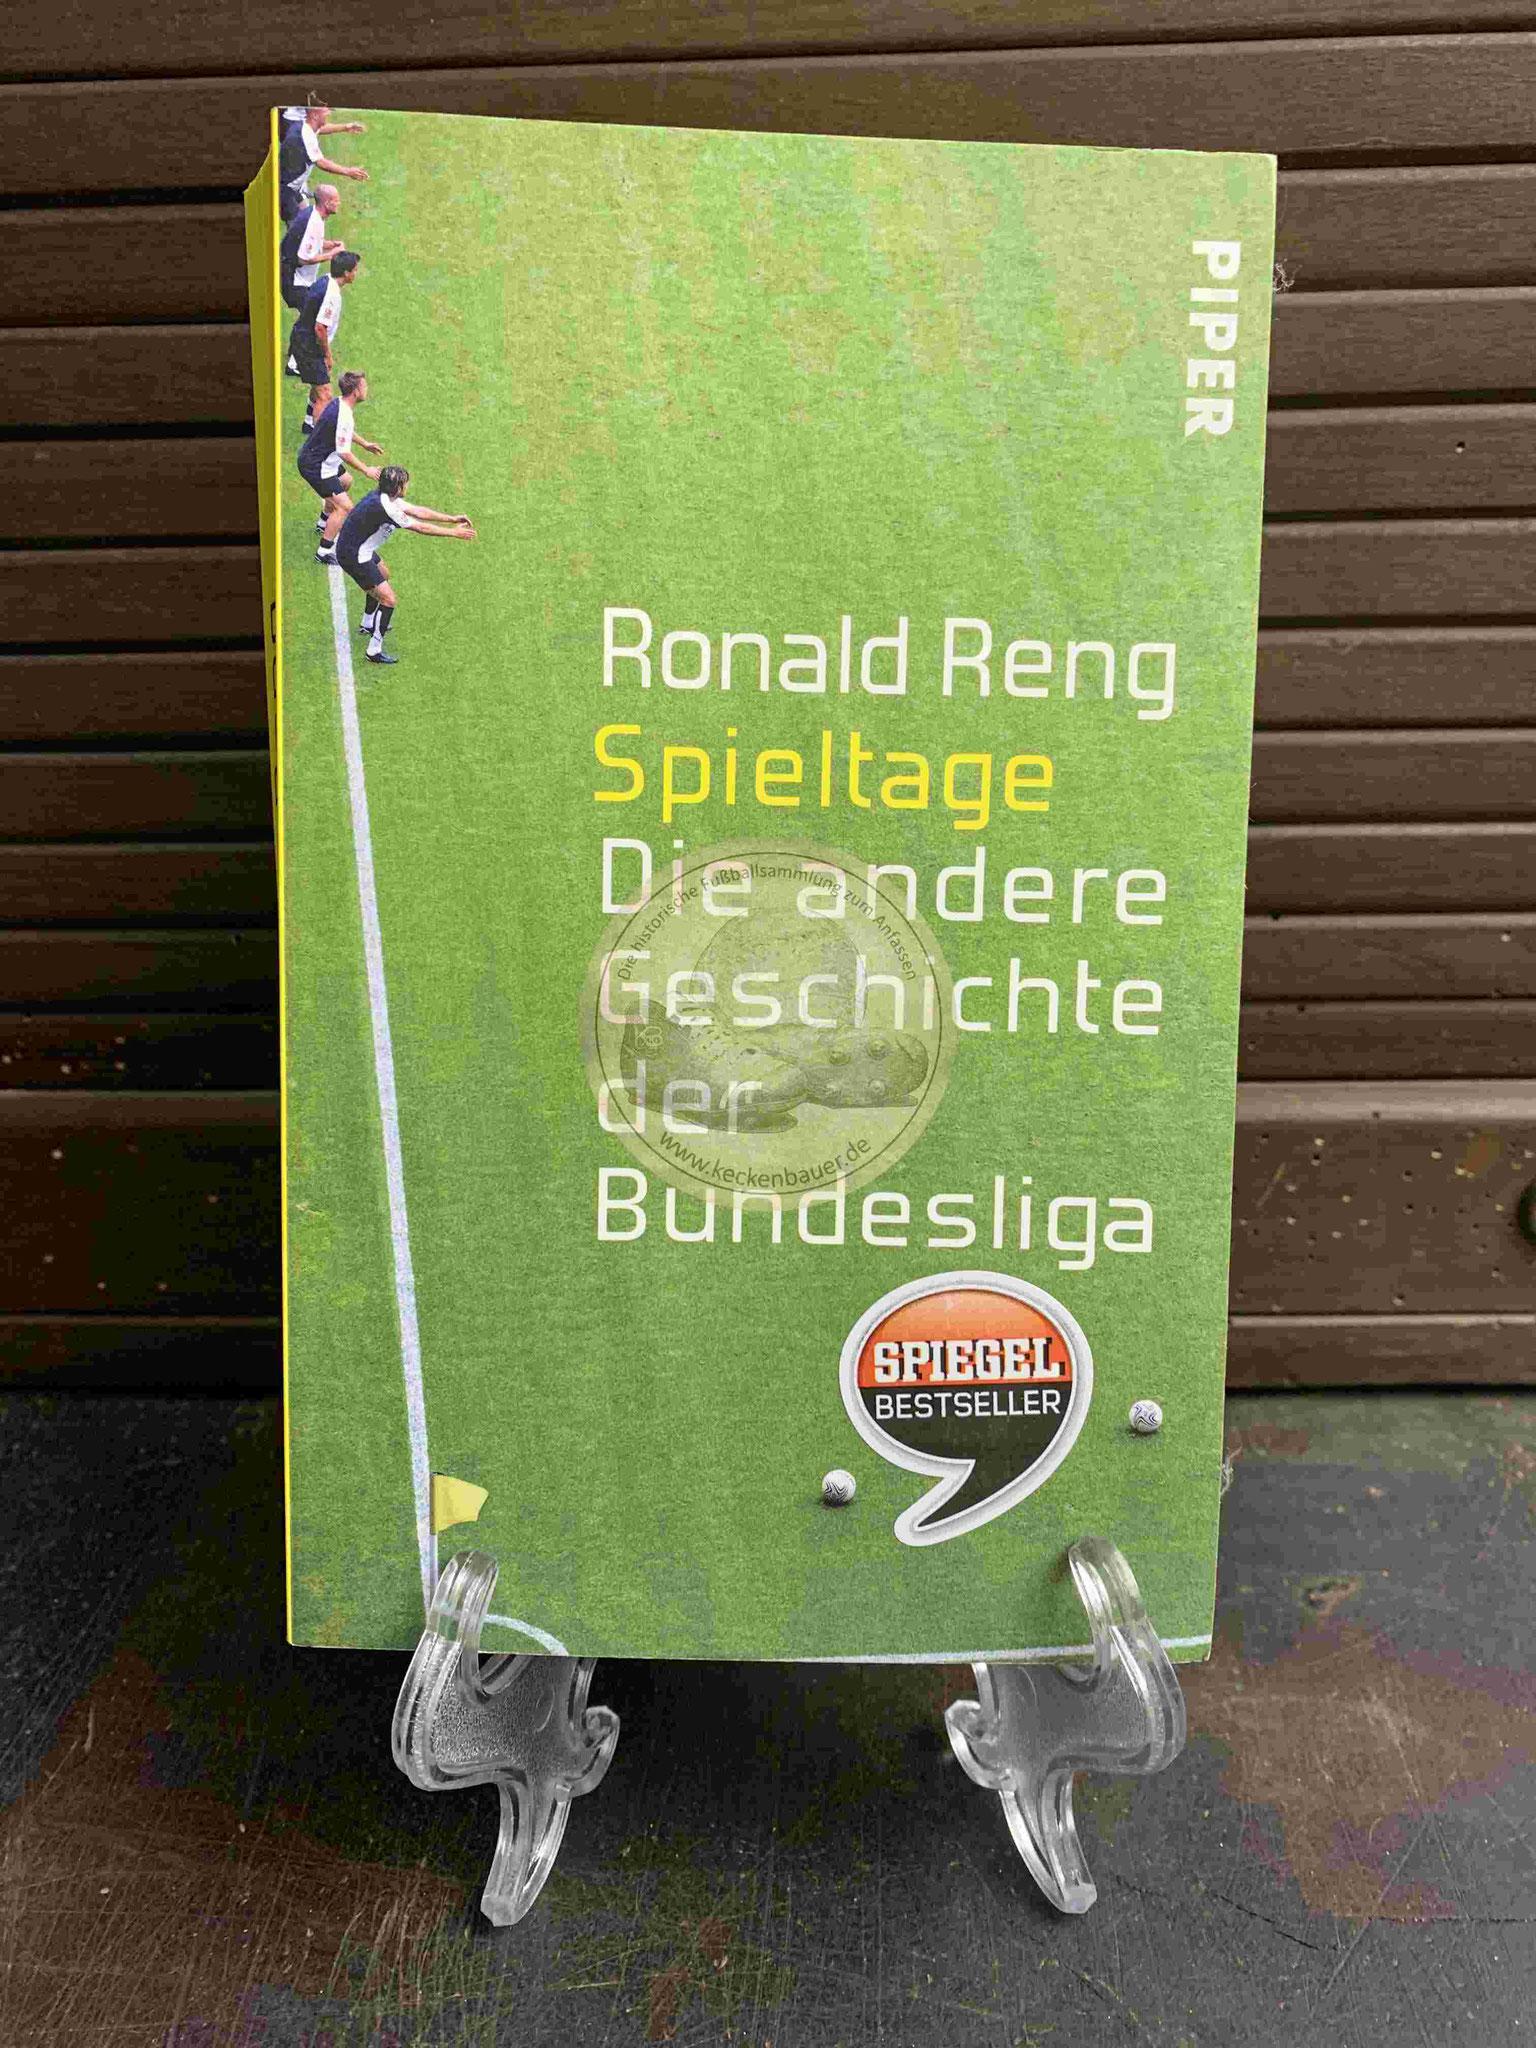 Ronald Ring Spieltage Die andere Geschichte der Bundesliga aus dem Jahr 2014